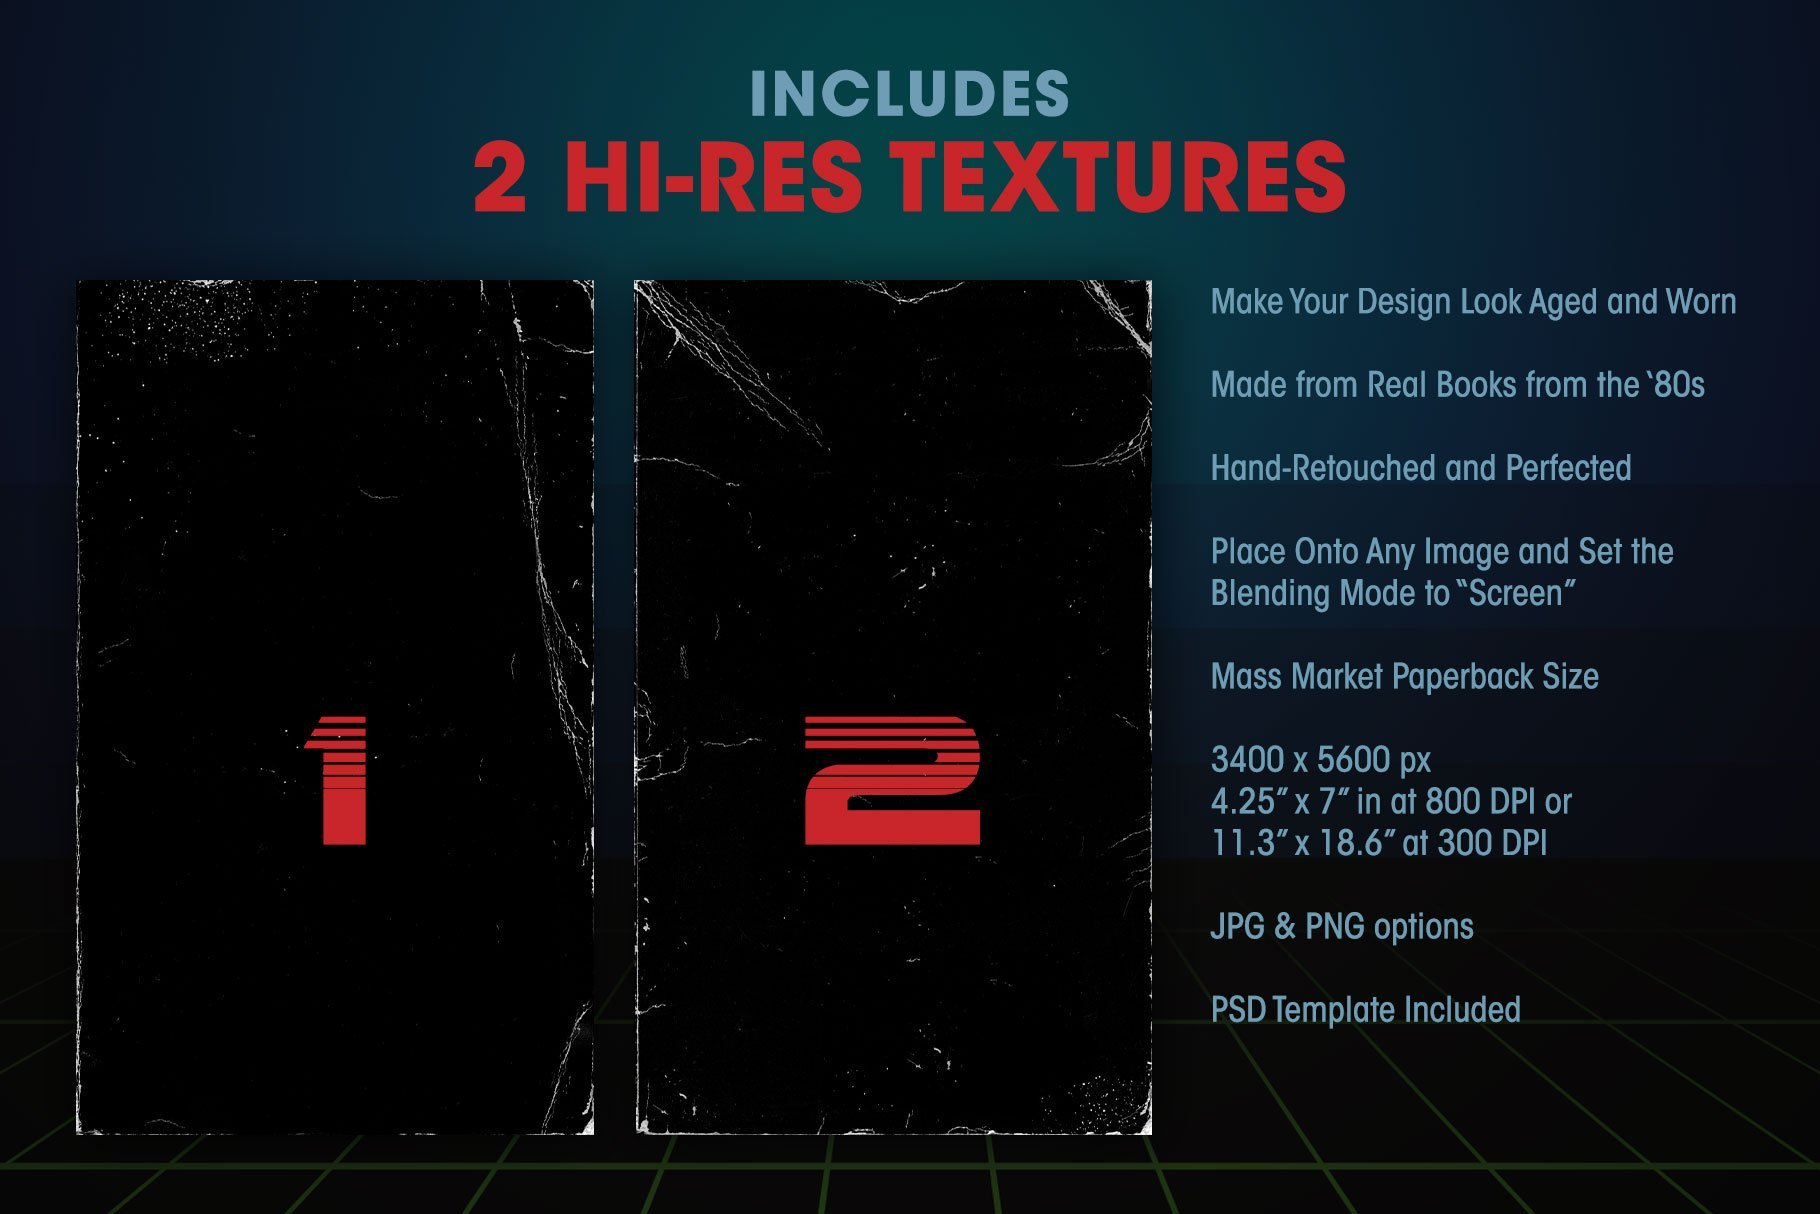 includes 2 hi-res textures